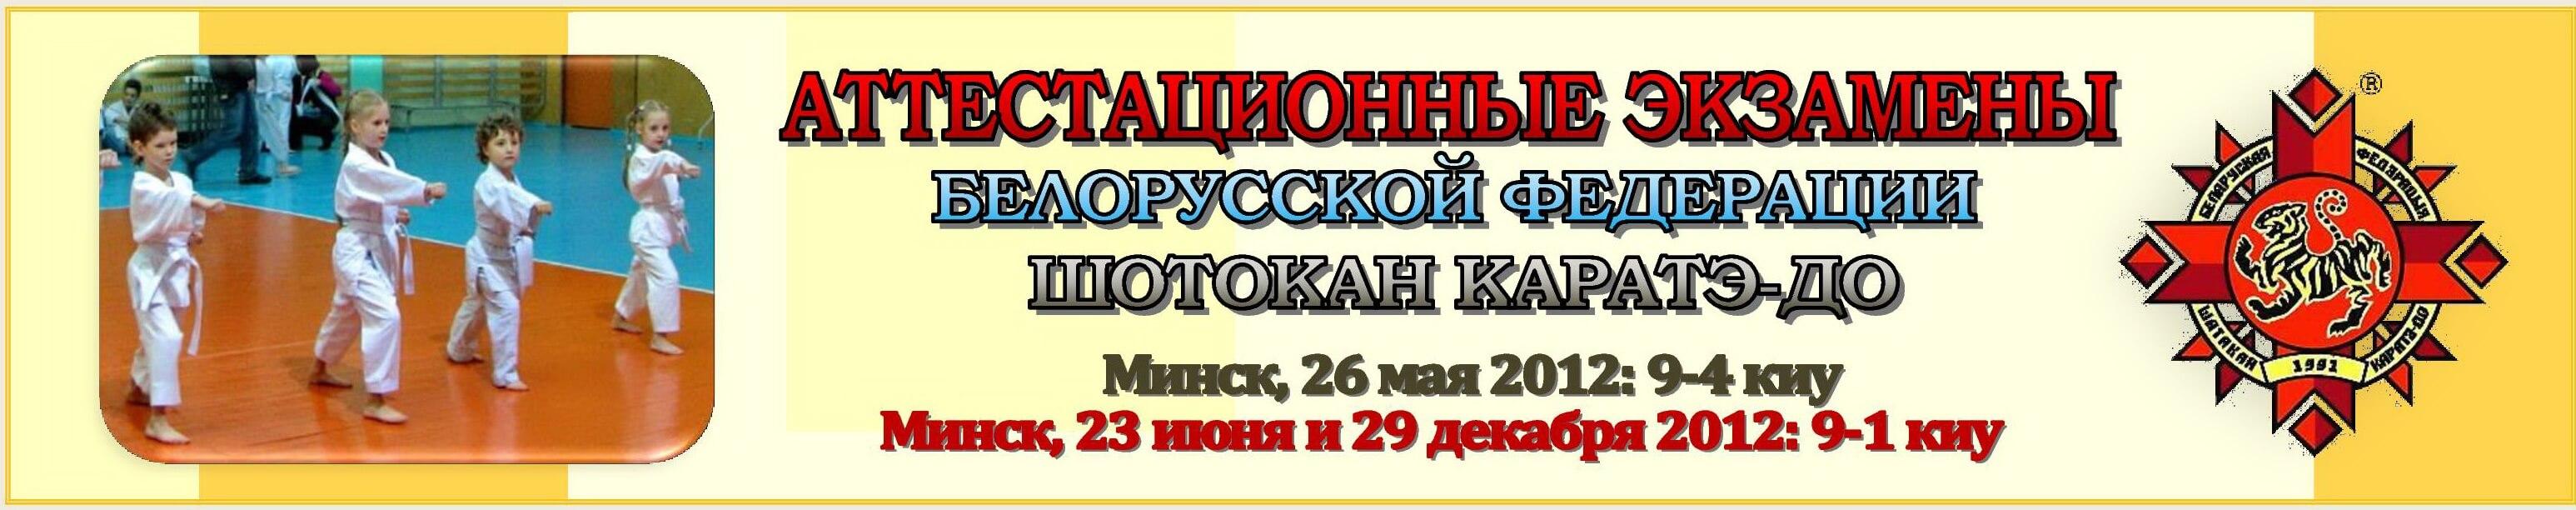 Аттестация БФШК 2012 05-12 Баннер